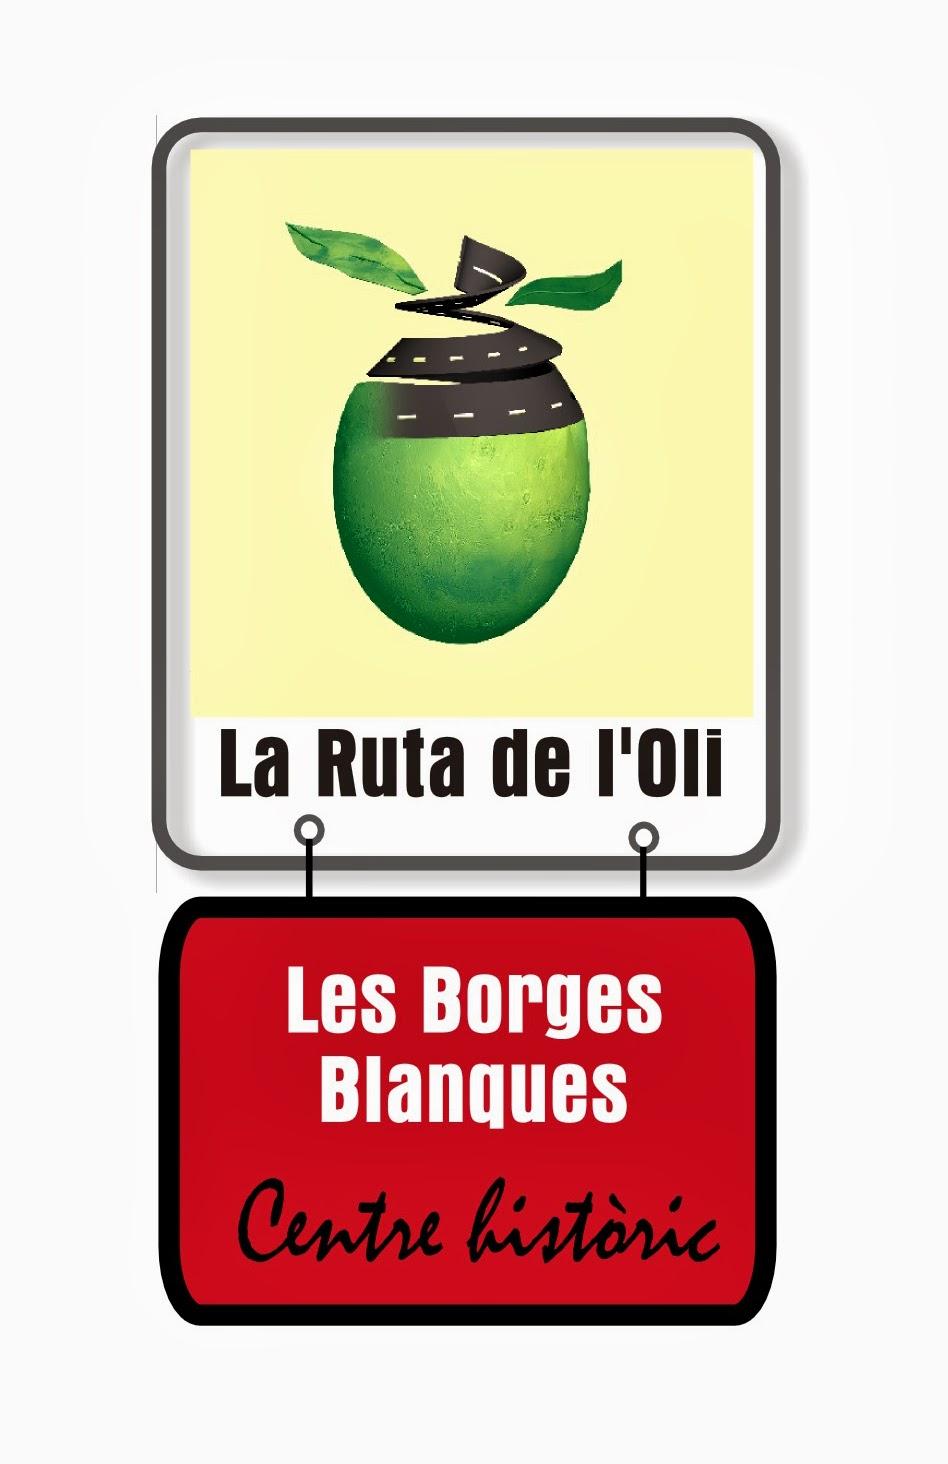 CENTRO HISTÓRICO DE LES BORGES BLANQUES